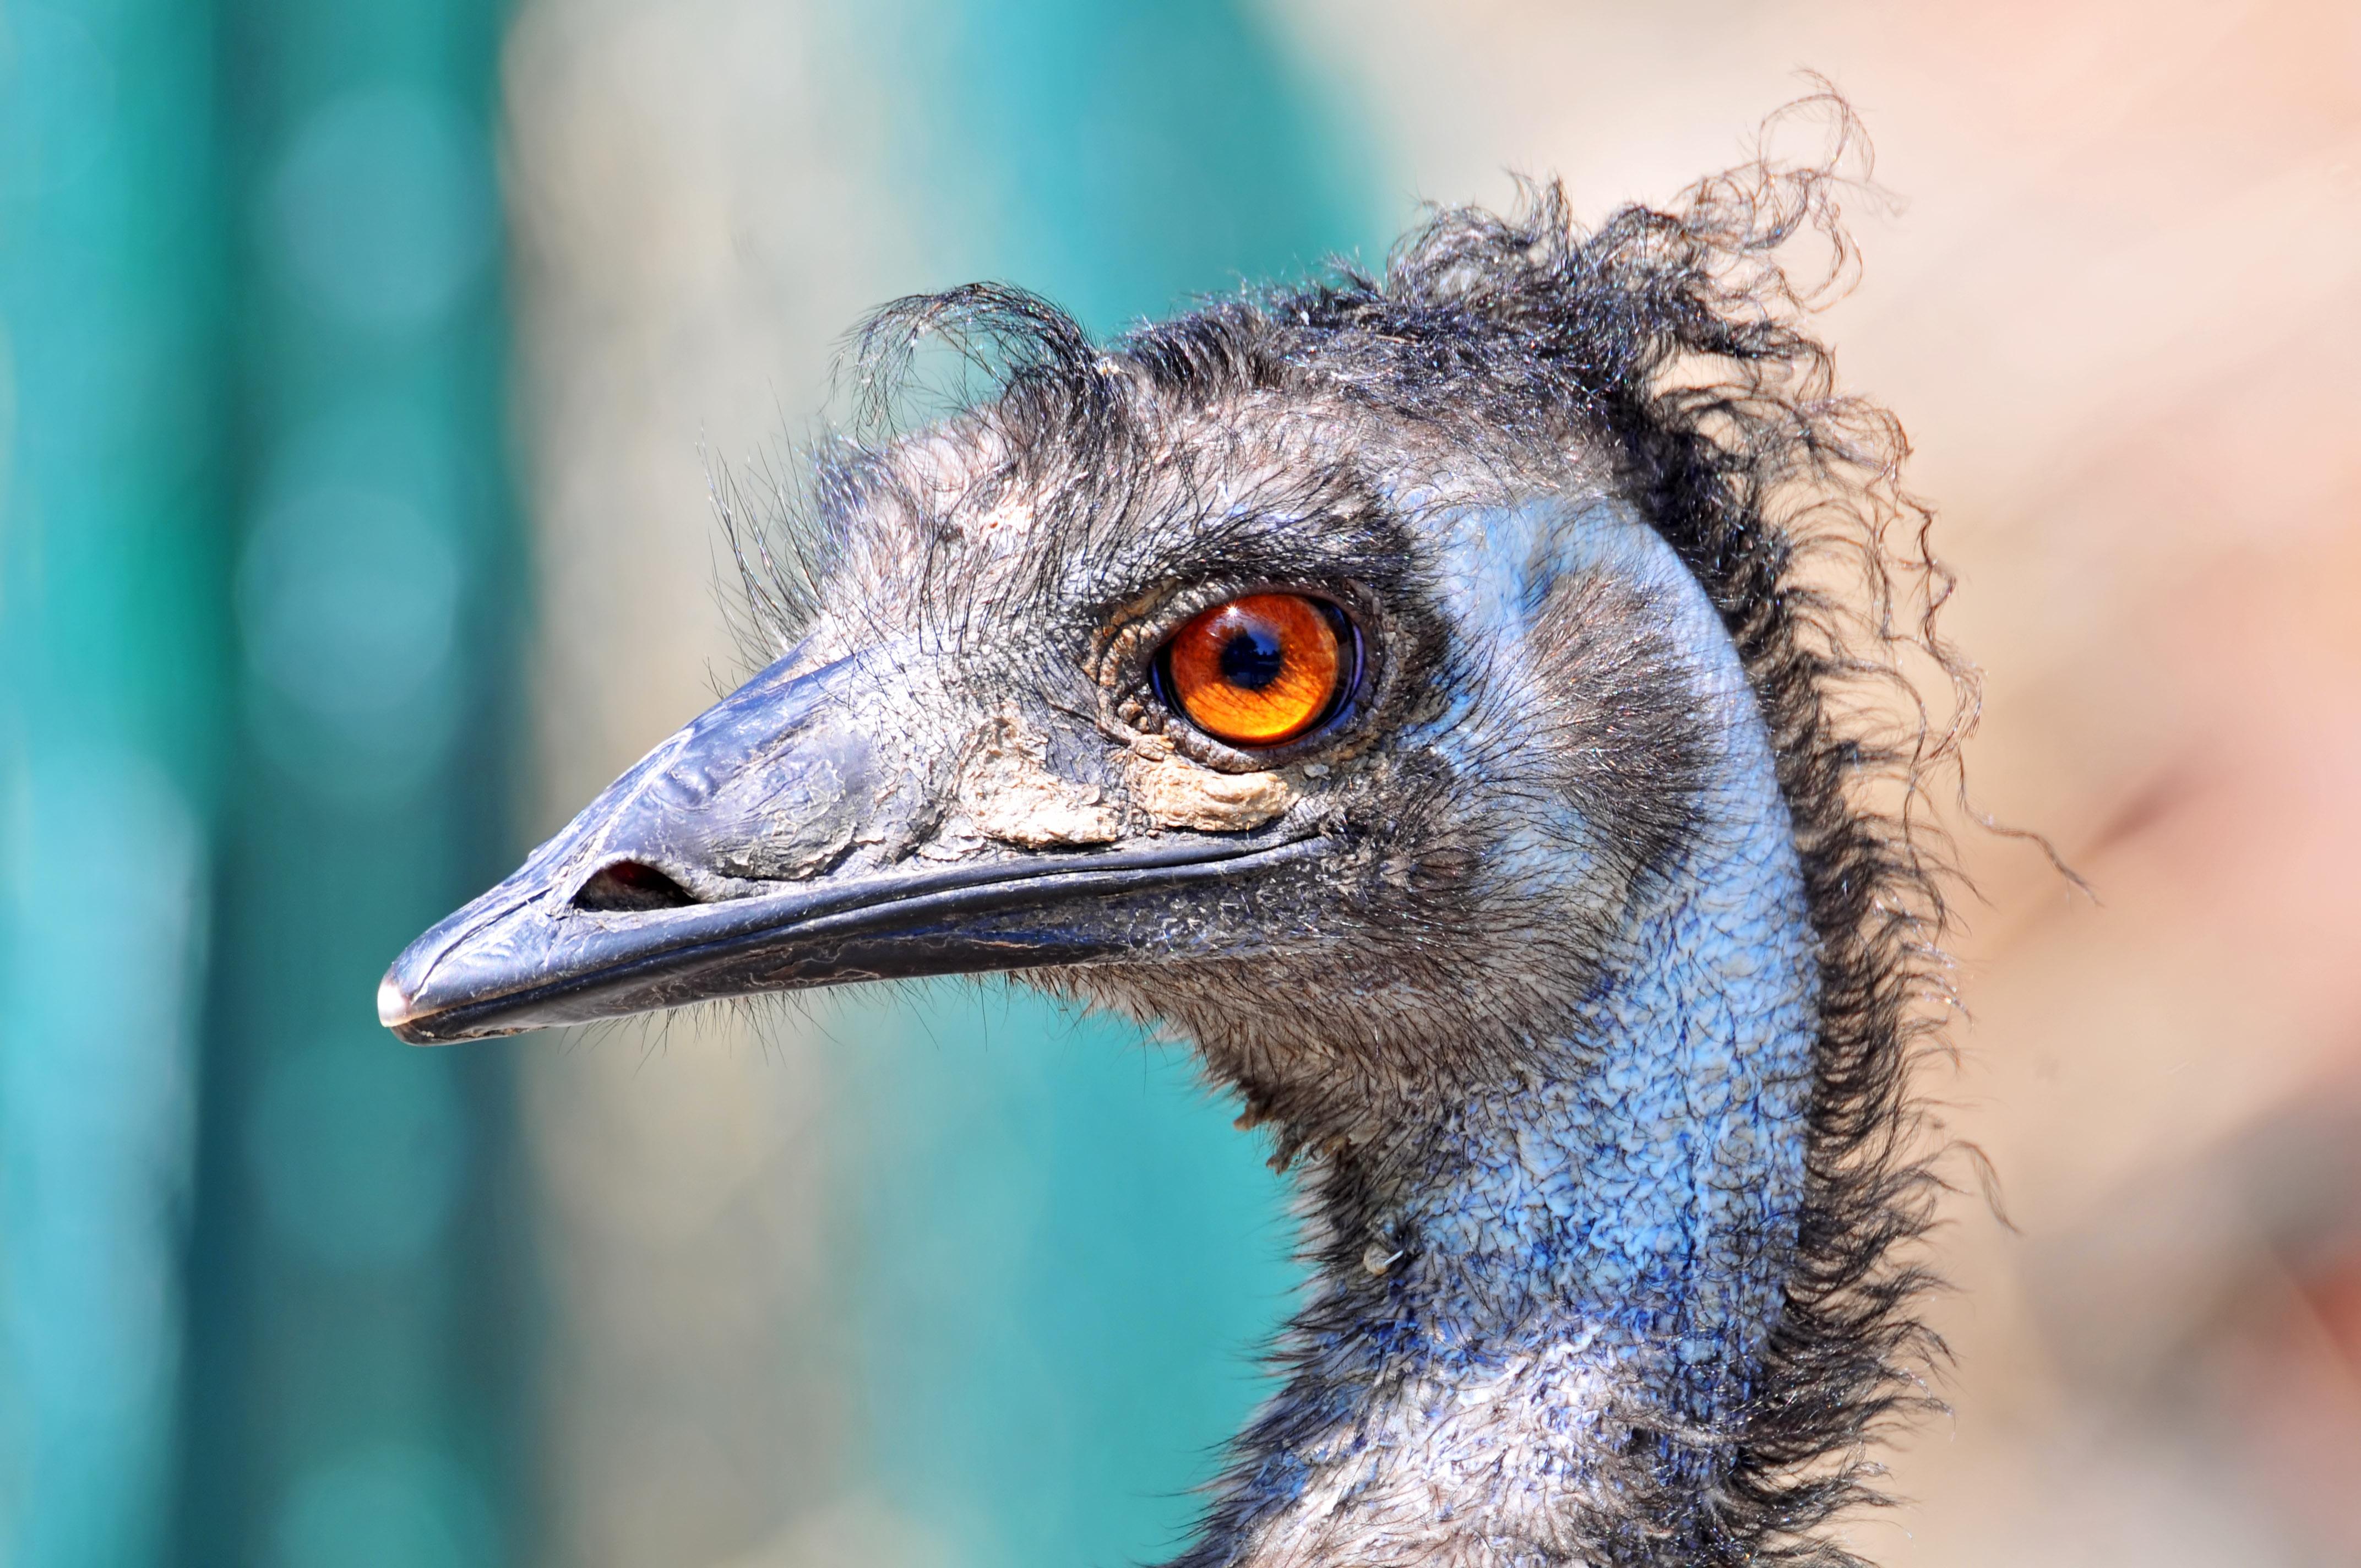 860+ Gambar Hewan Burung Emu Gratis Terbaru